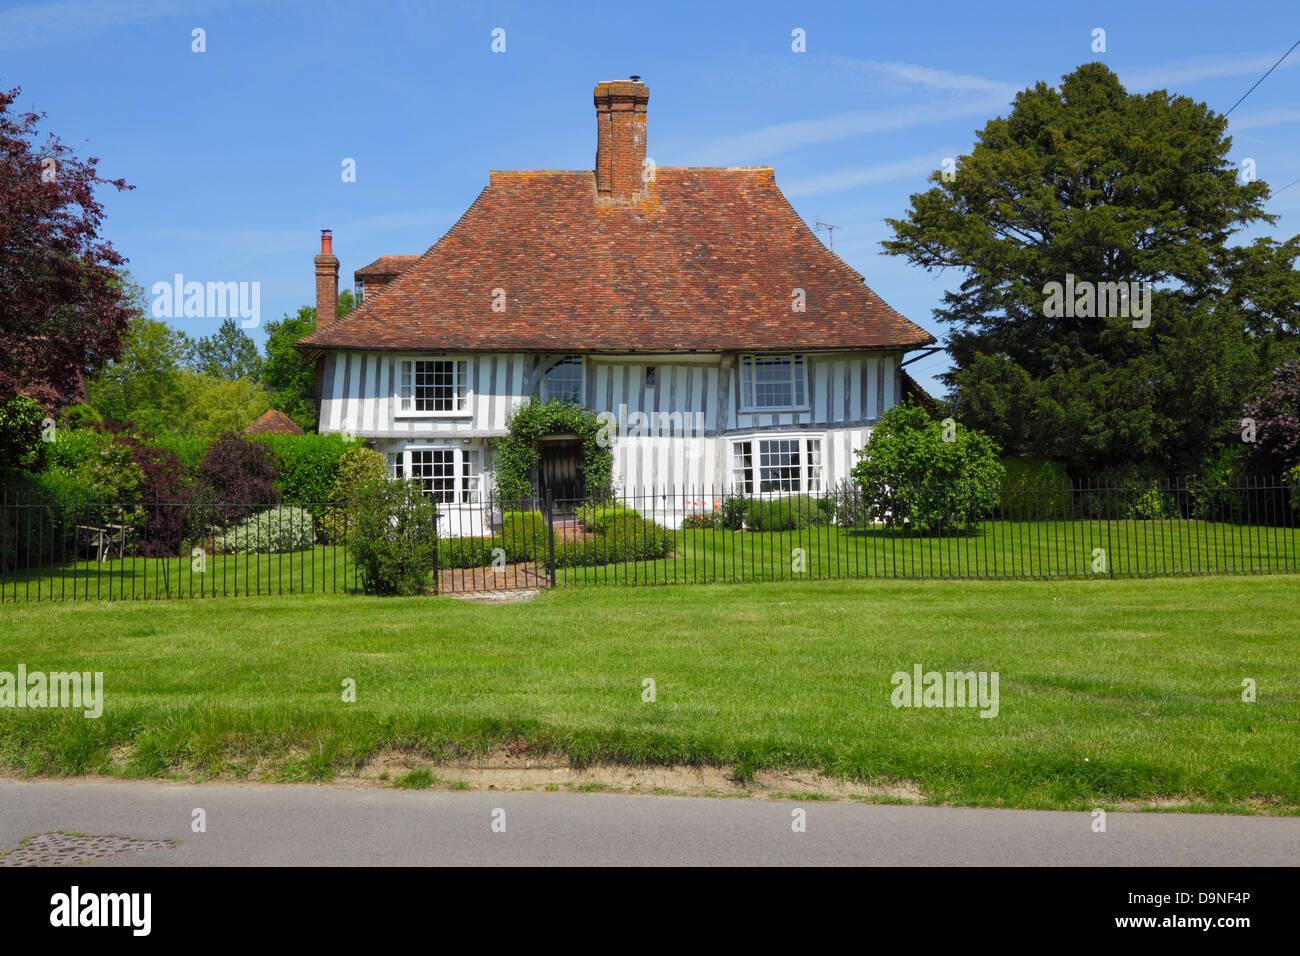 Timber House Stock Photos & Timber House Stock Images - Alamy